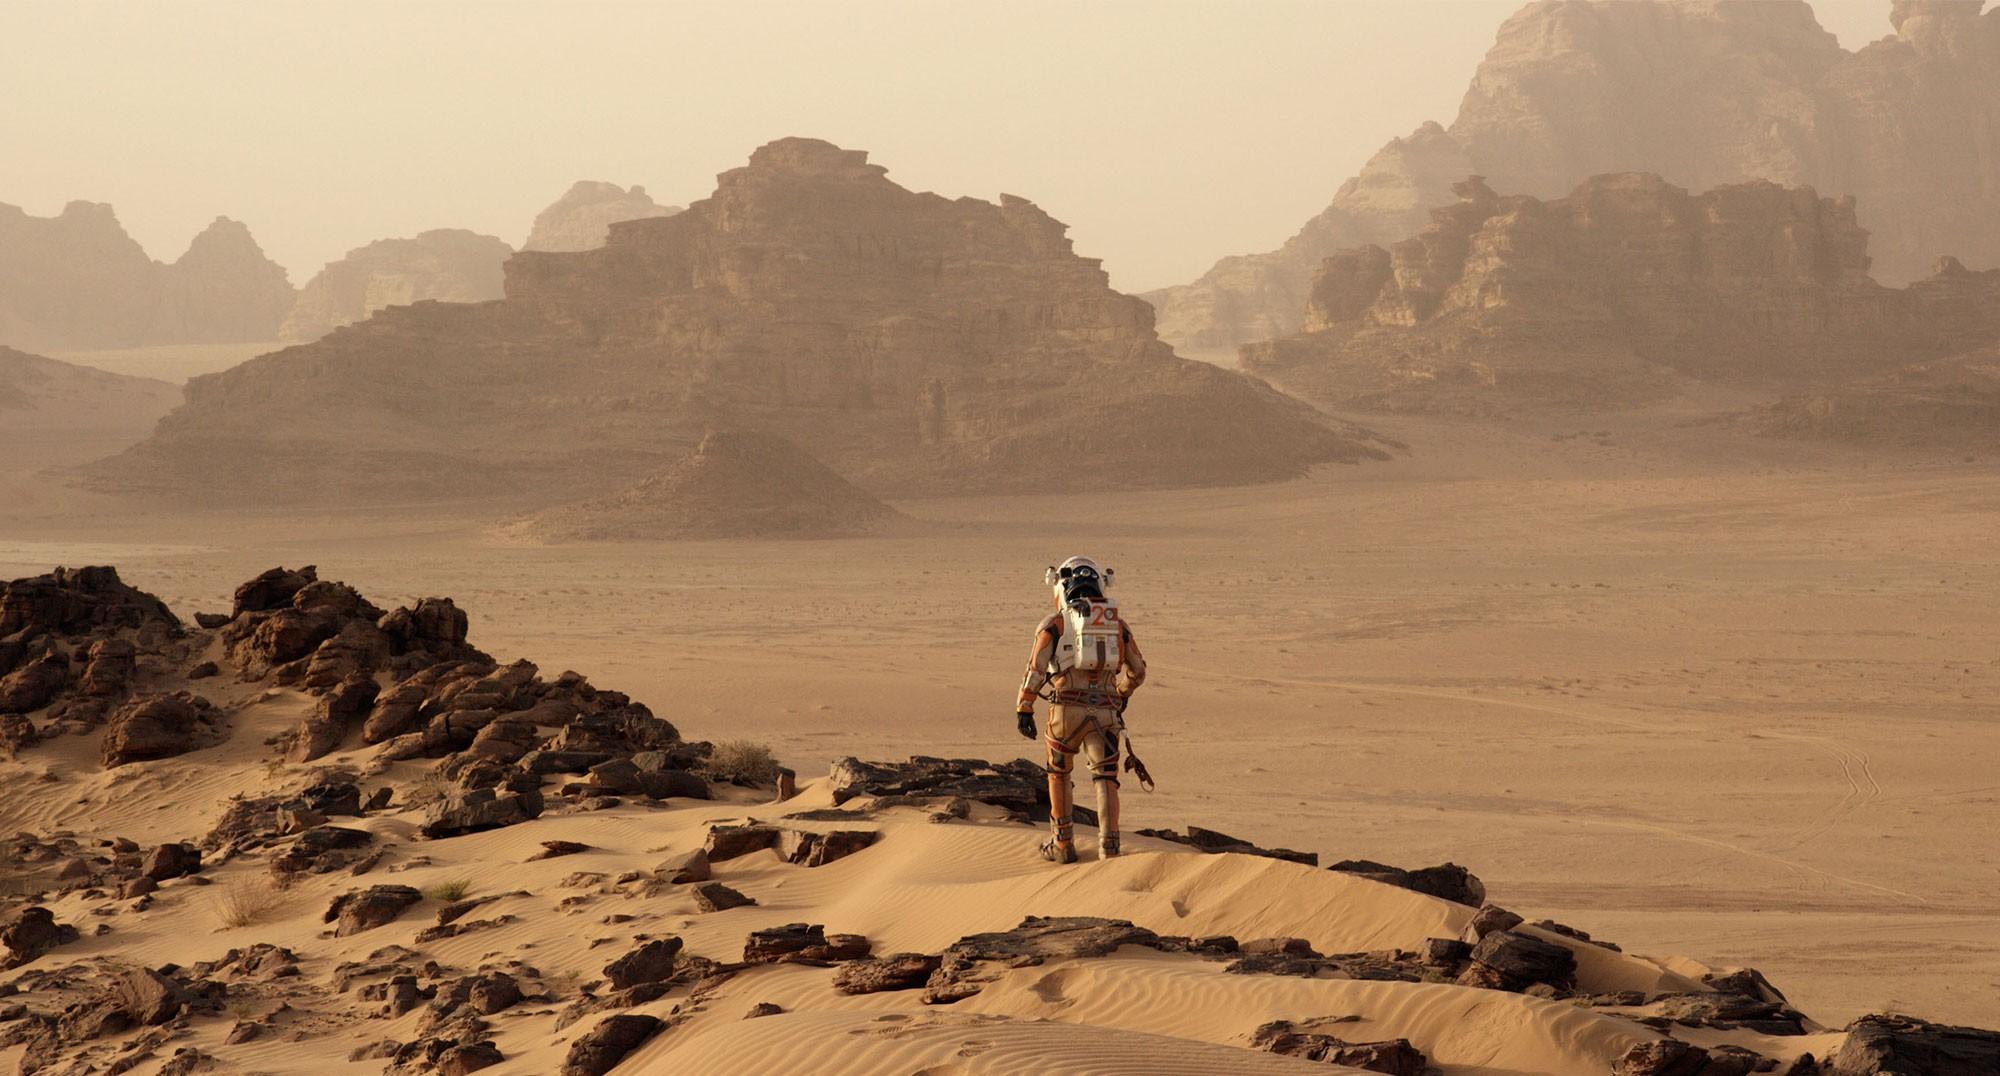 ภาพจาก The Martian